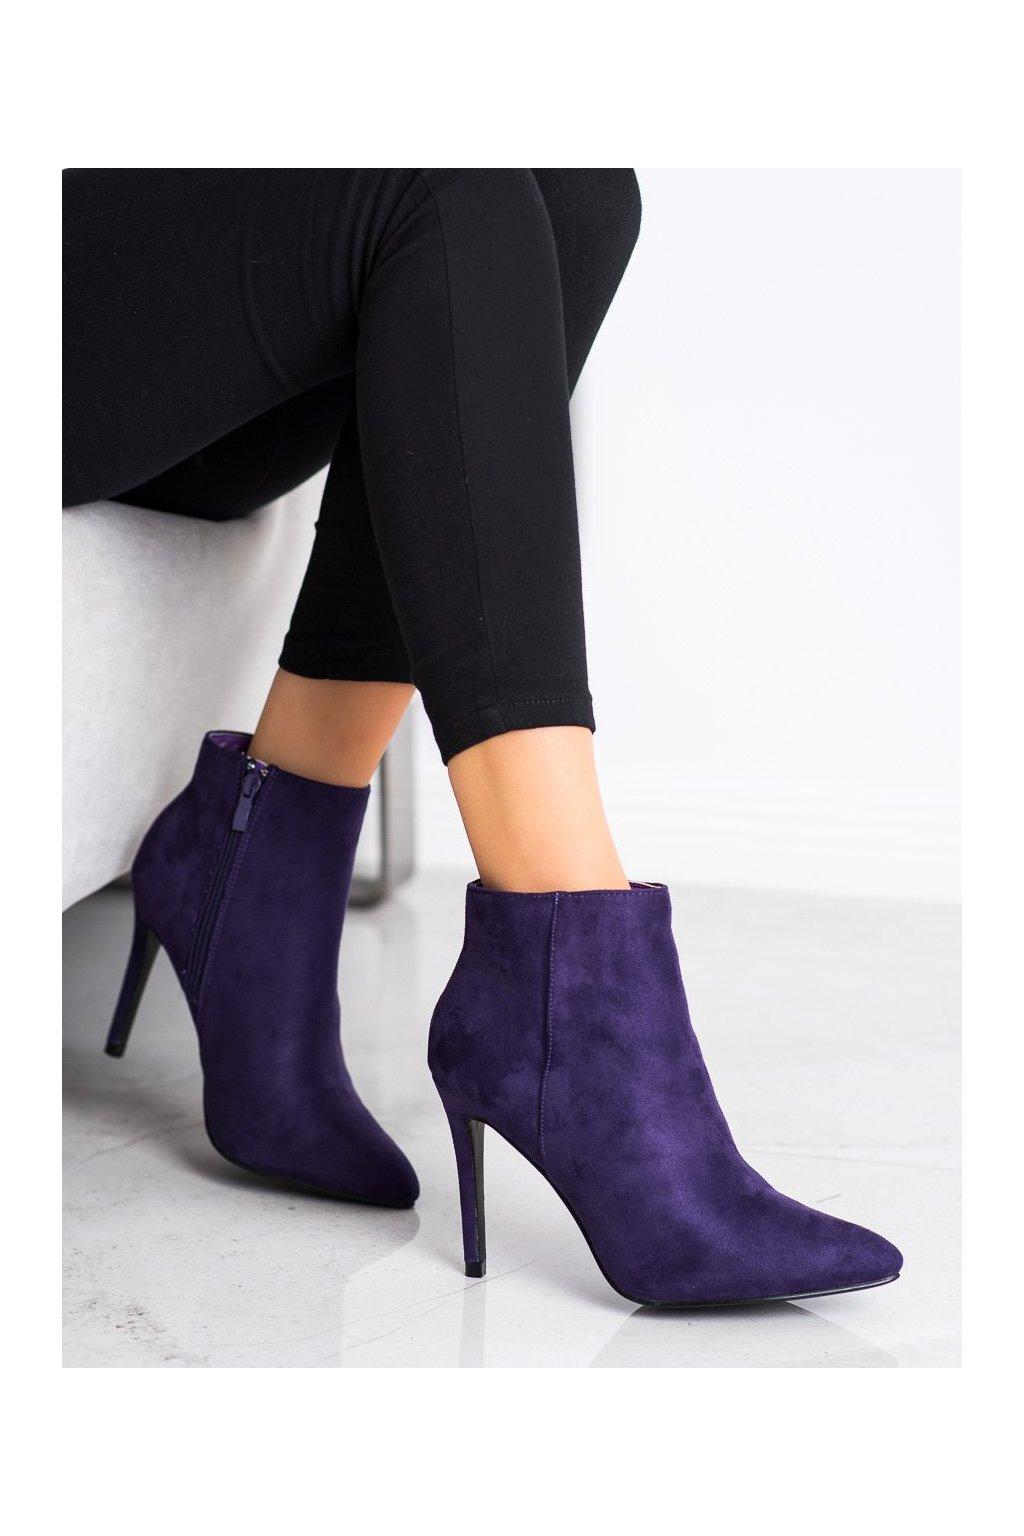 Fialové dámske topánky Small swan kod OM5407PU